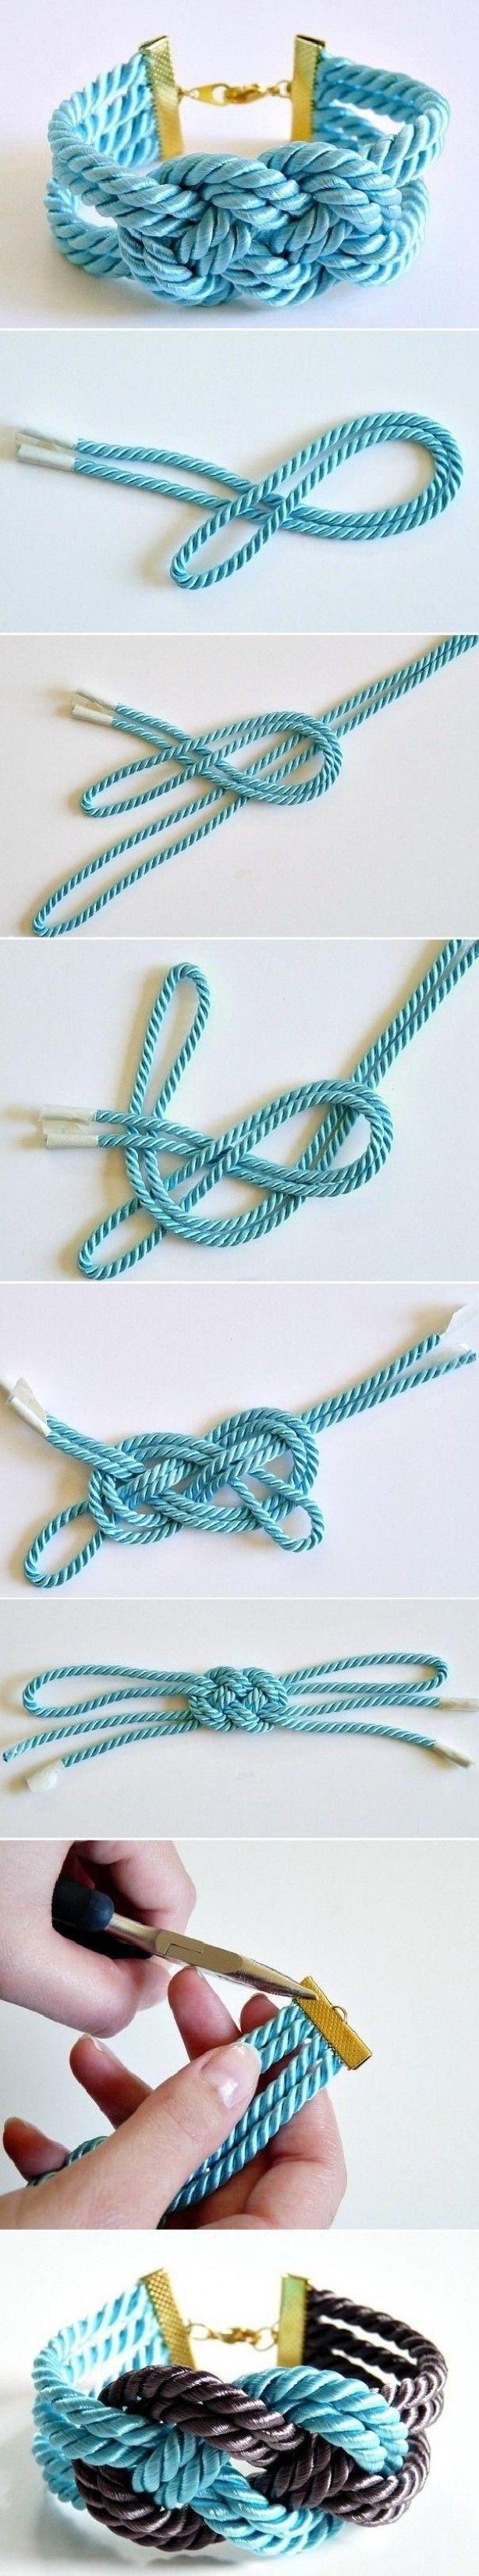 Leuke gevlochten armband, makkelijk te maken!